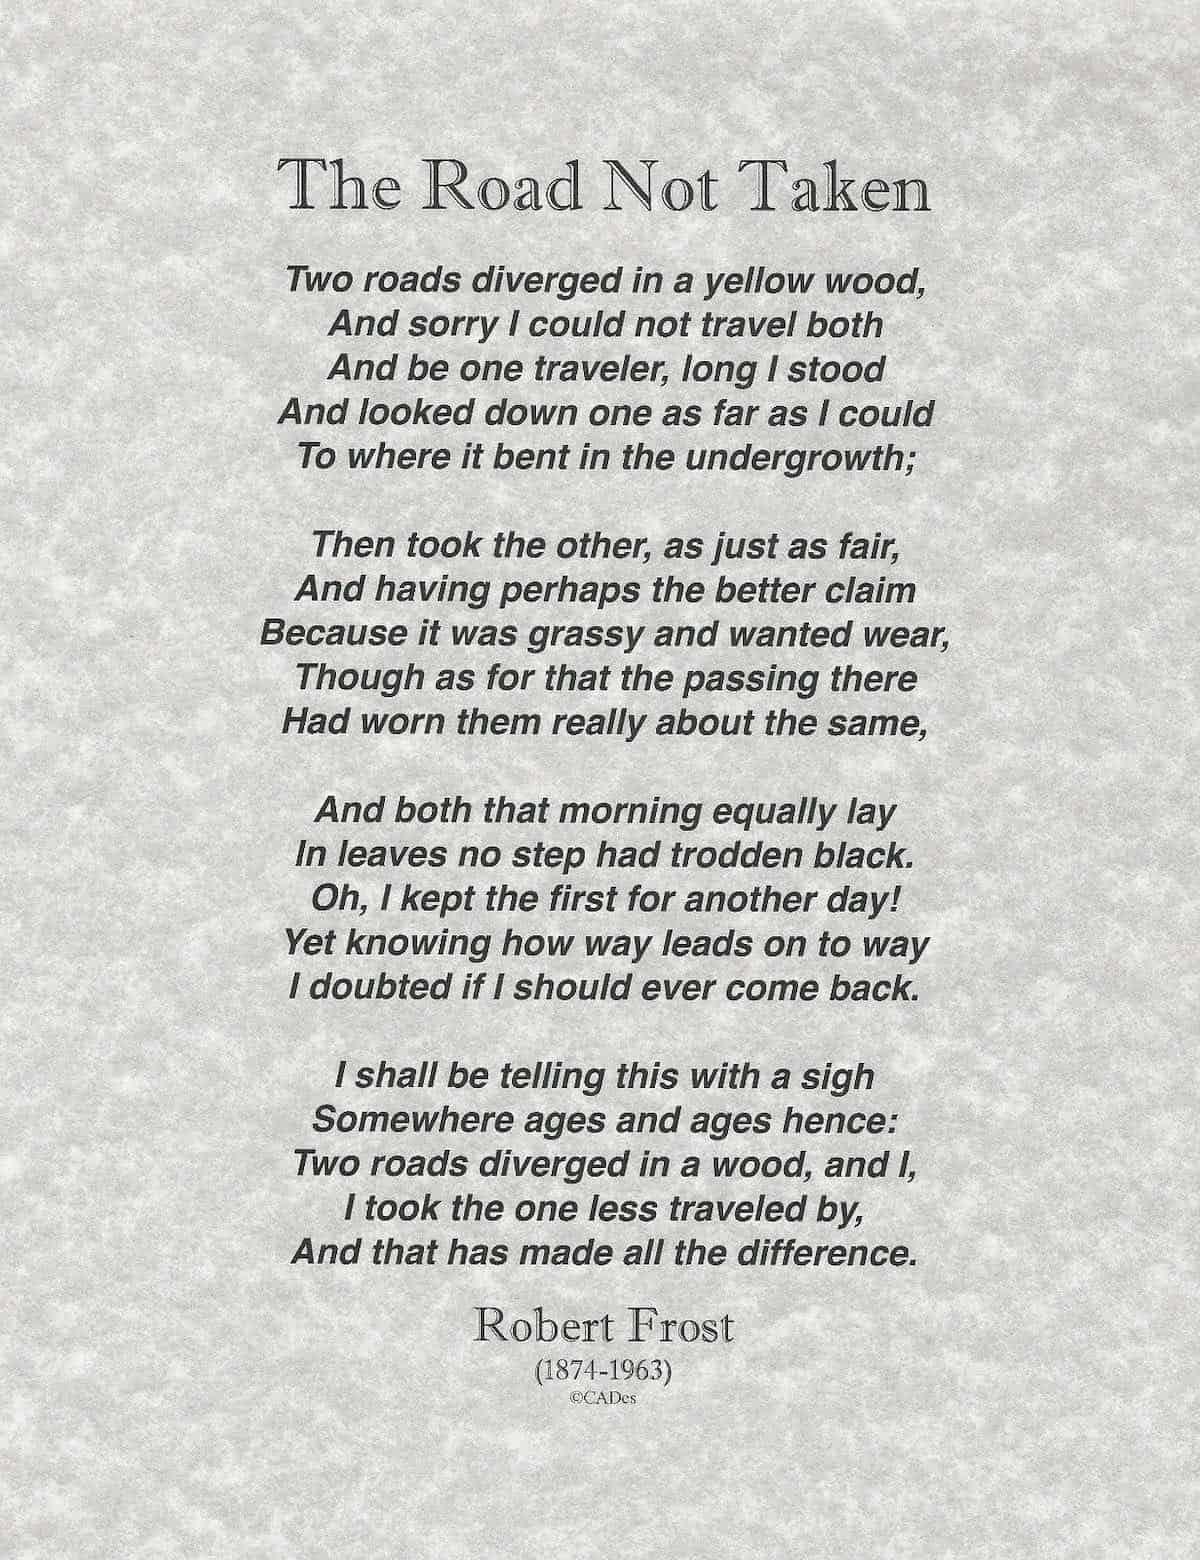 Robert Frost Poem The Road Not Taken is like crossing a bridge